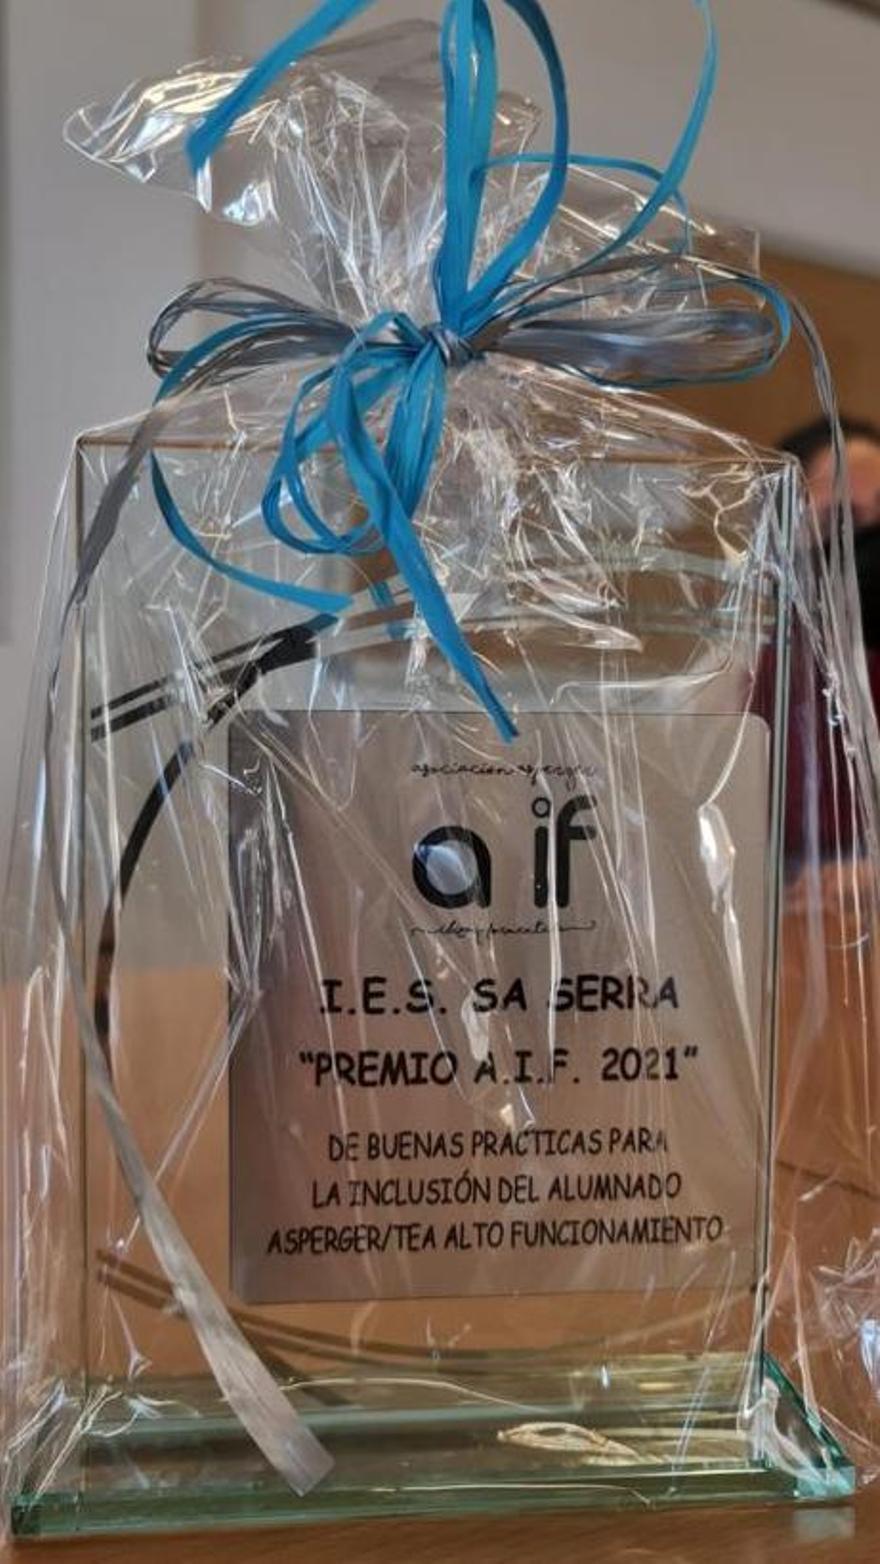 La placa entregada a Sa Serra